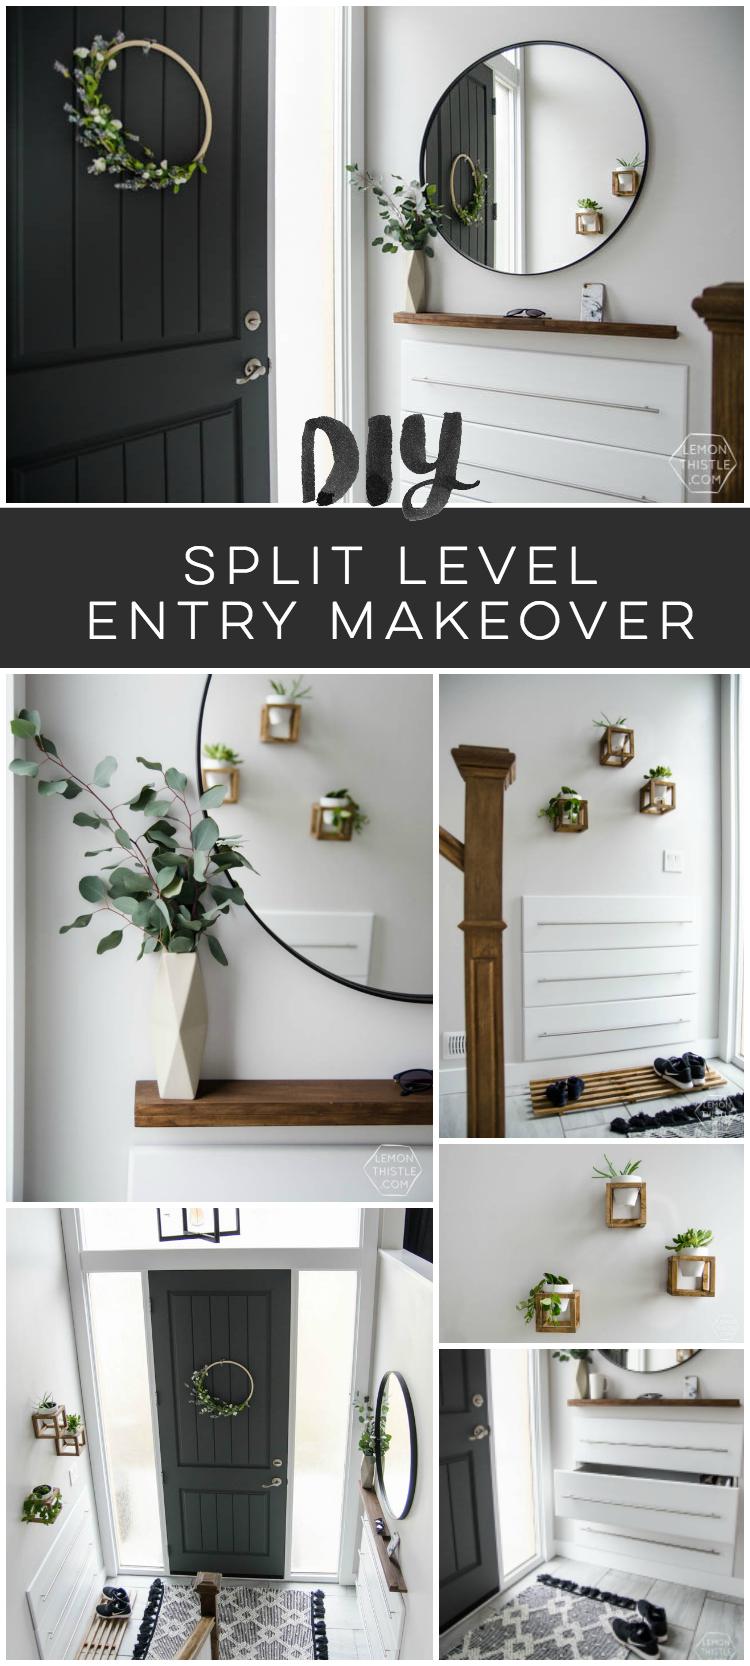 Image Result For Split Entry Kitchen Remodel